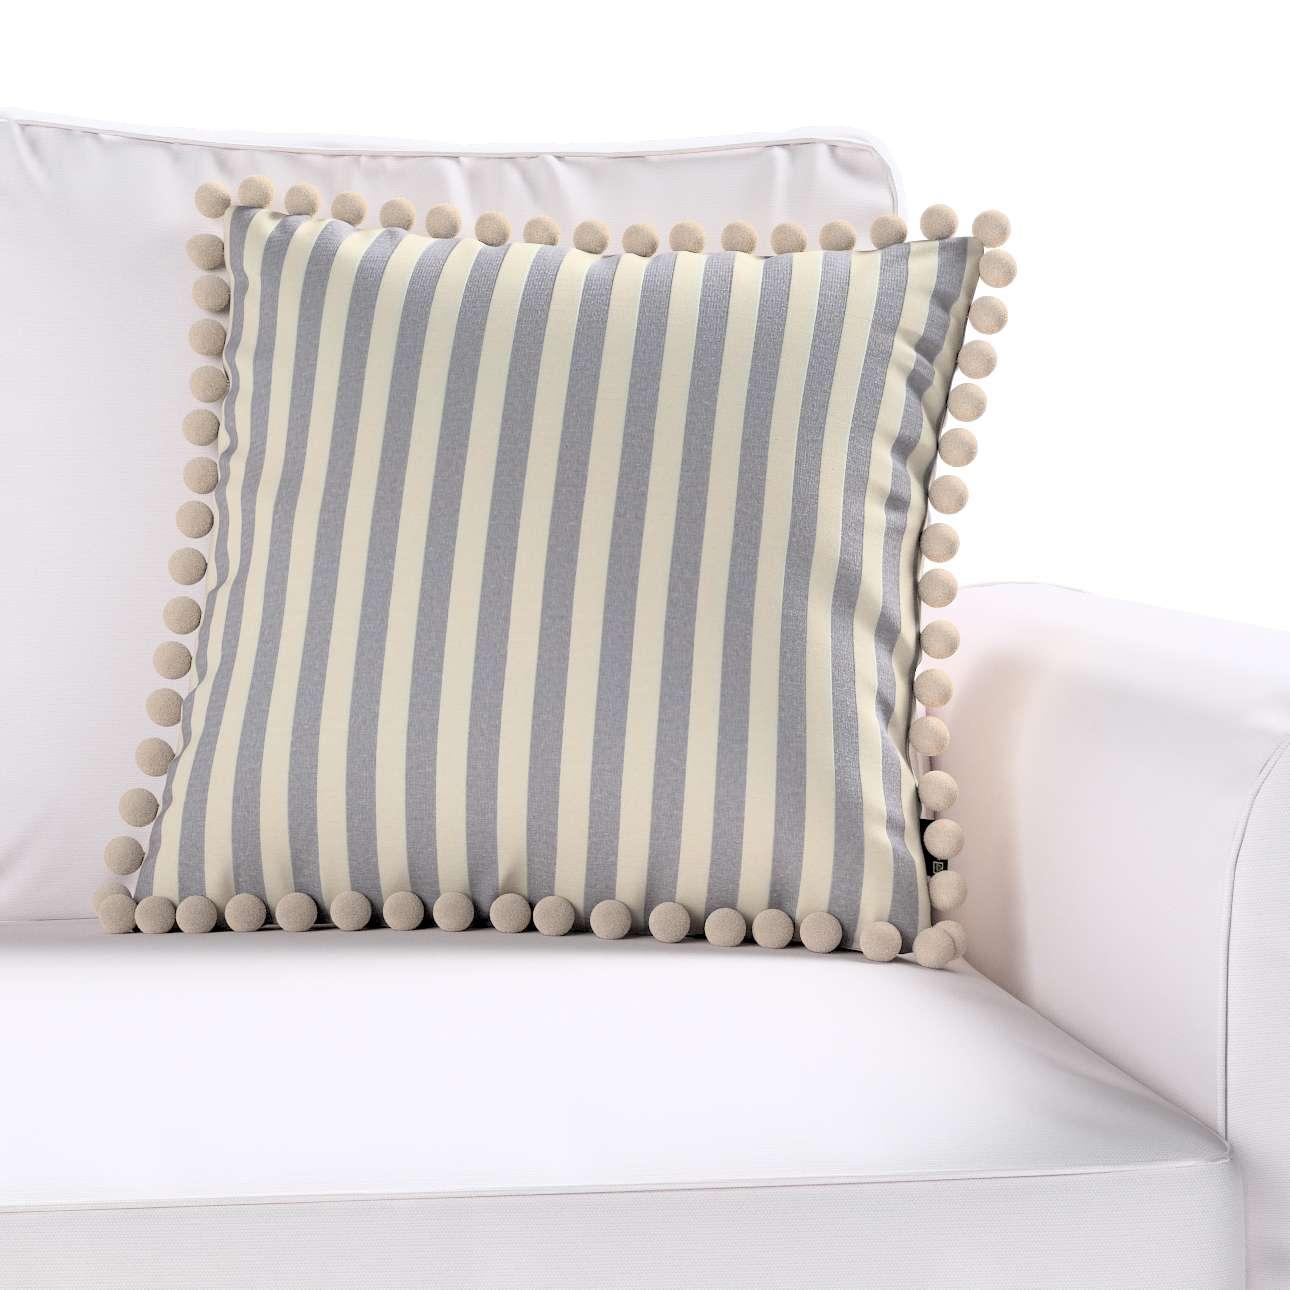 Poszewka Wera na poduszkę 45 x 45 cm w kolekcji Quadro, tkanina: 136-02